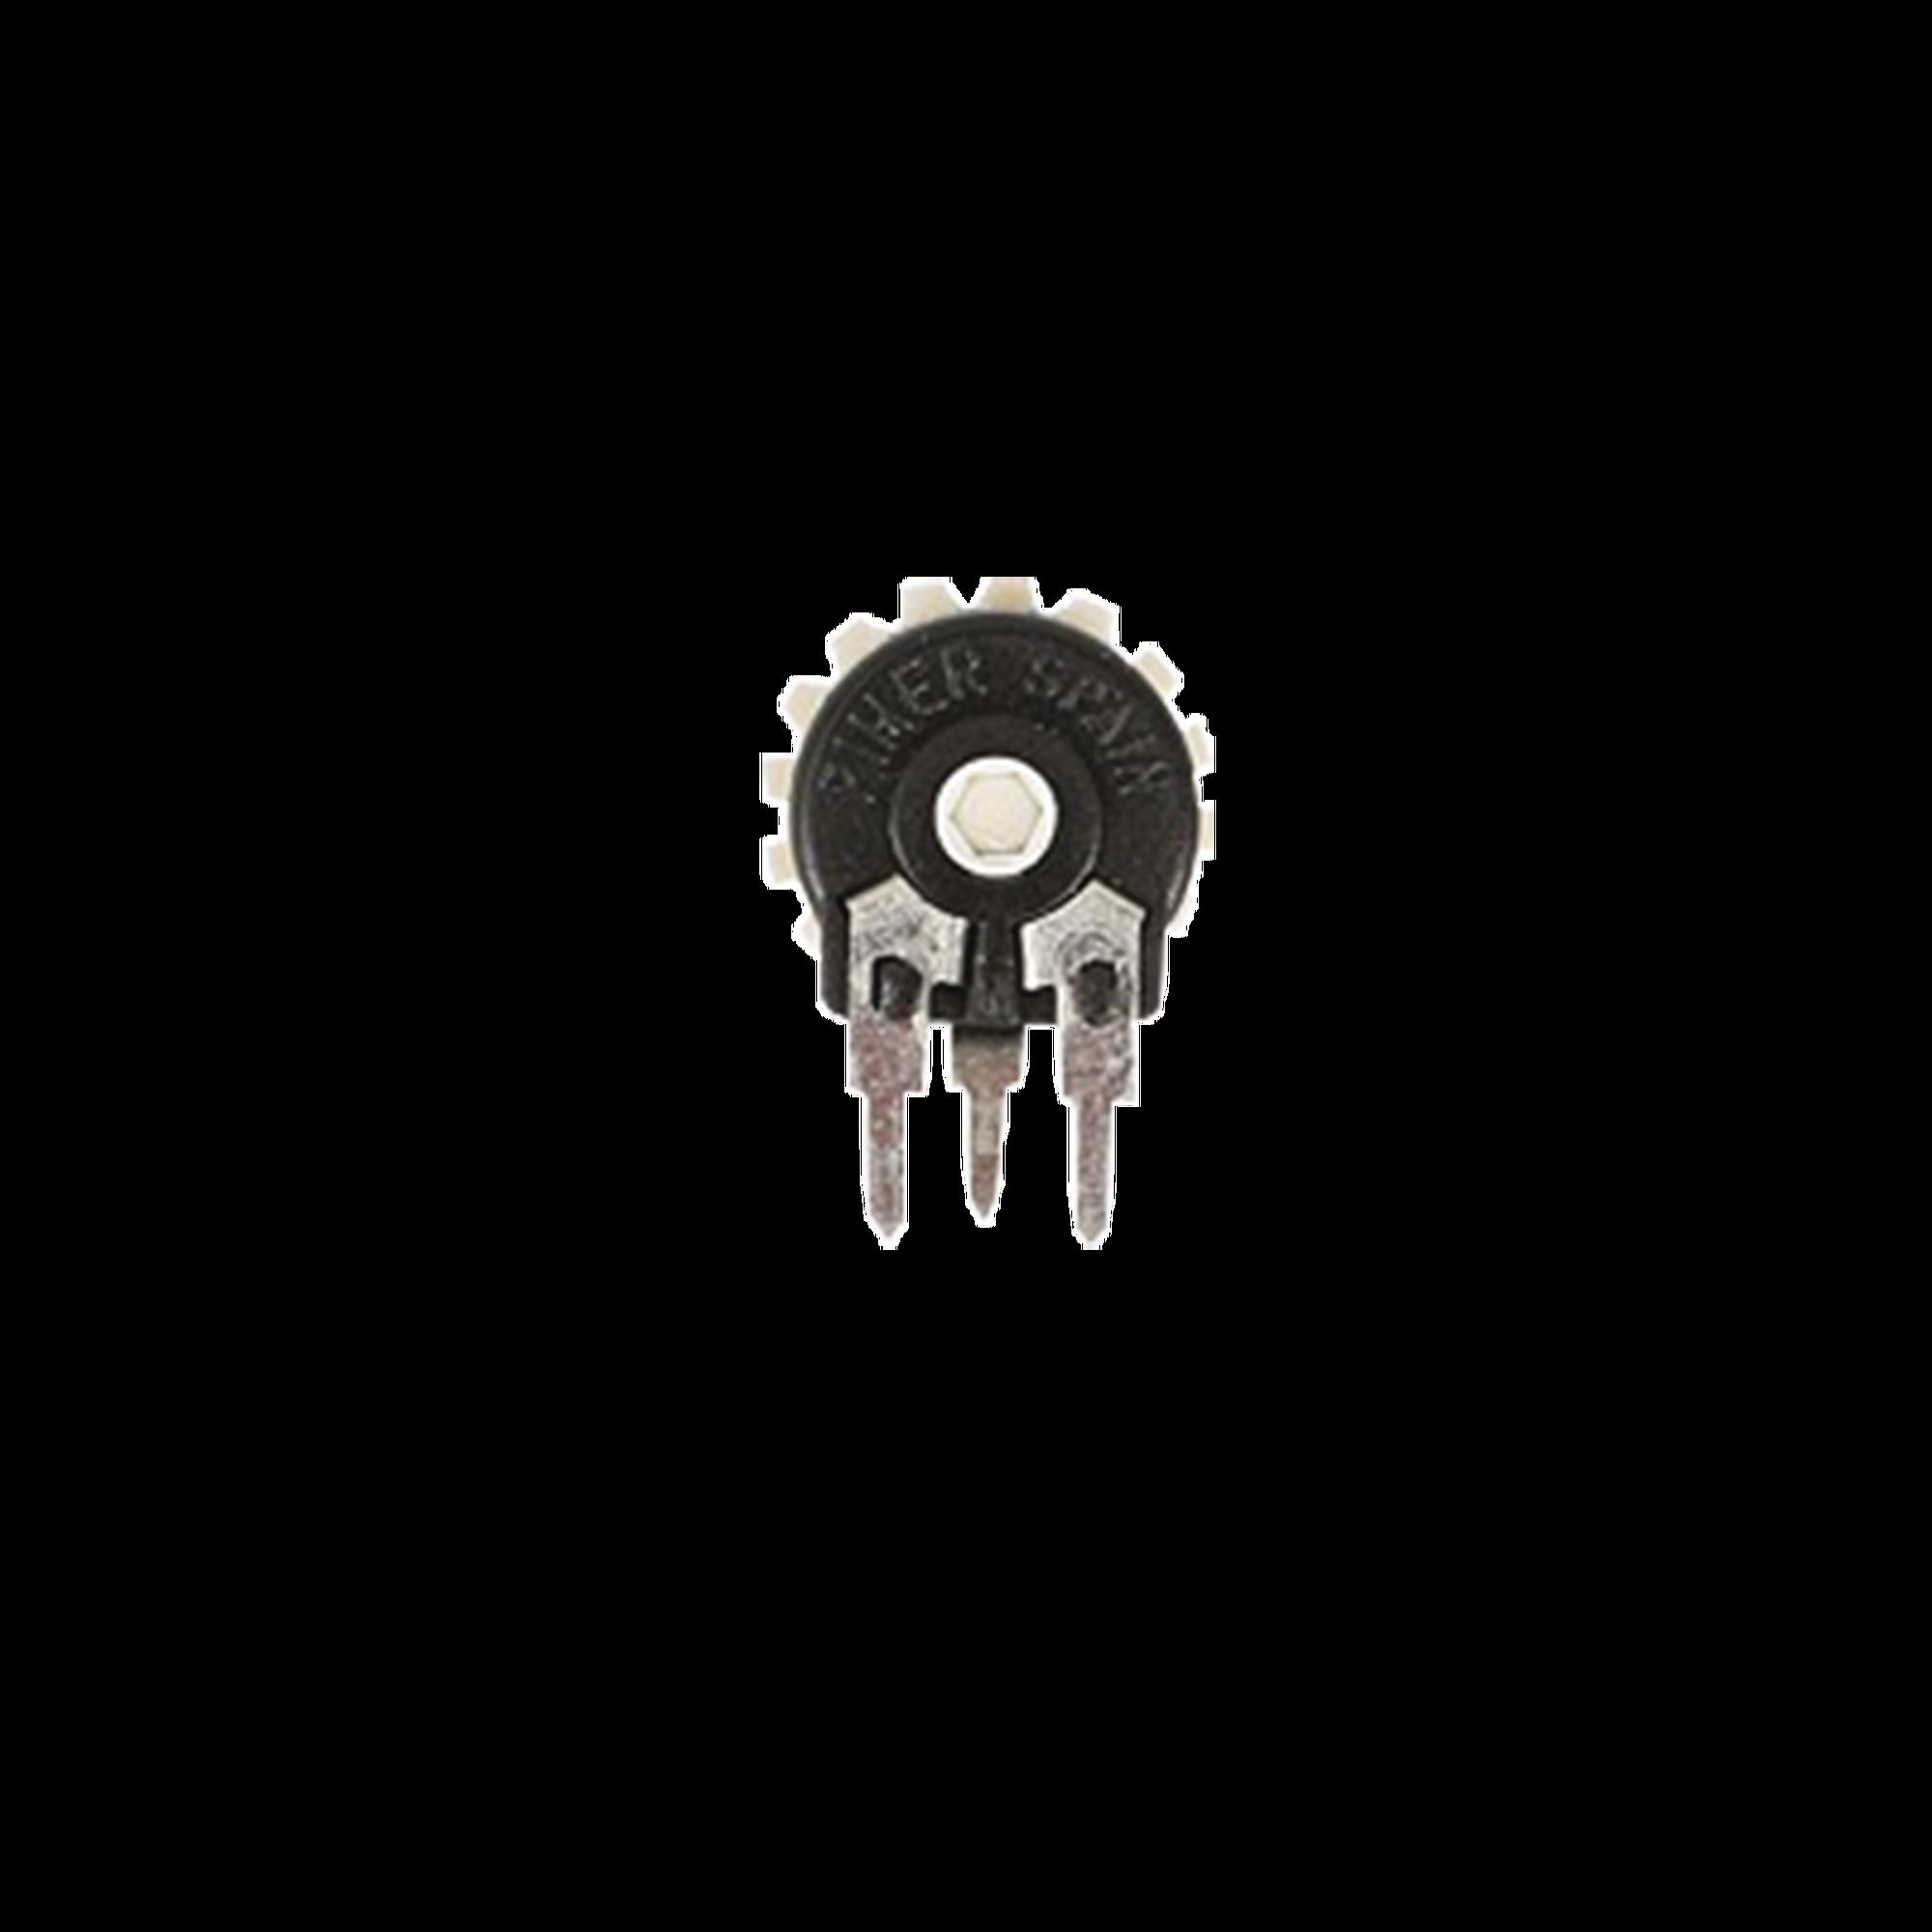 Potenciómetro de 25 kOhm para Wattmetro Direccional Thrueline de Banda Ancha 4304A.